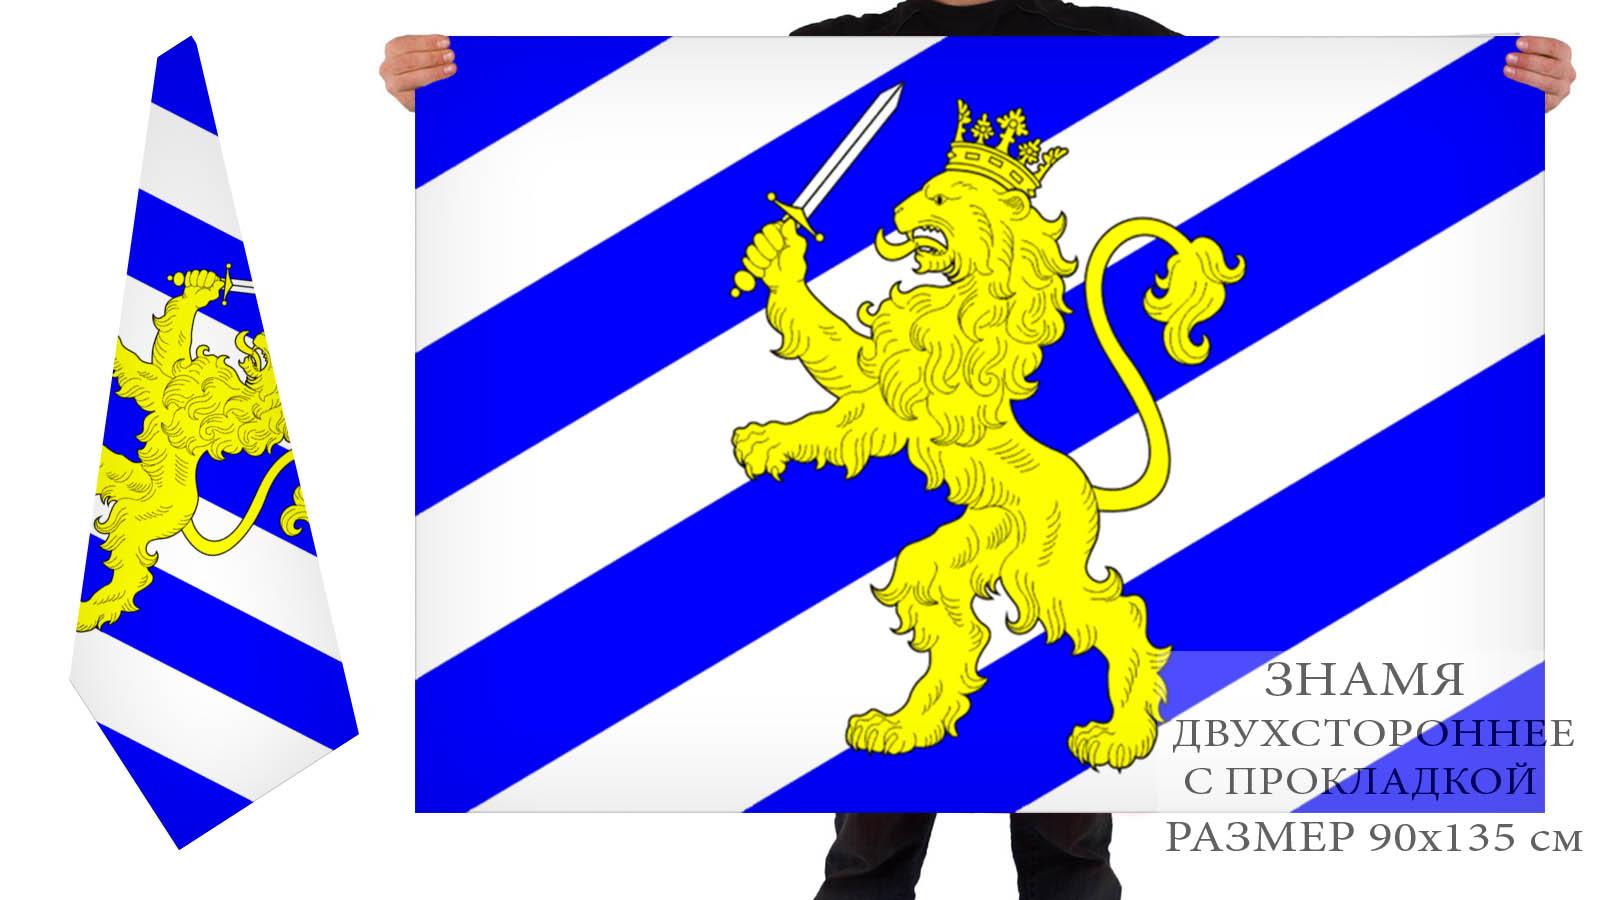 Двусторонний флаг внутригородского муниципального образования МО Большая Охта